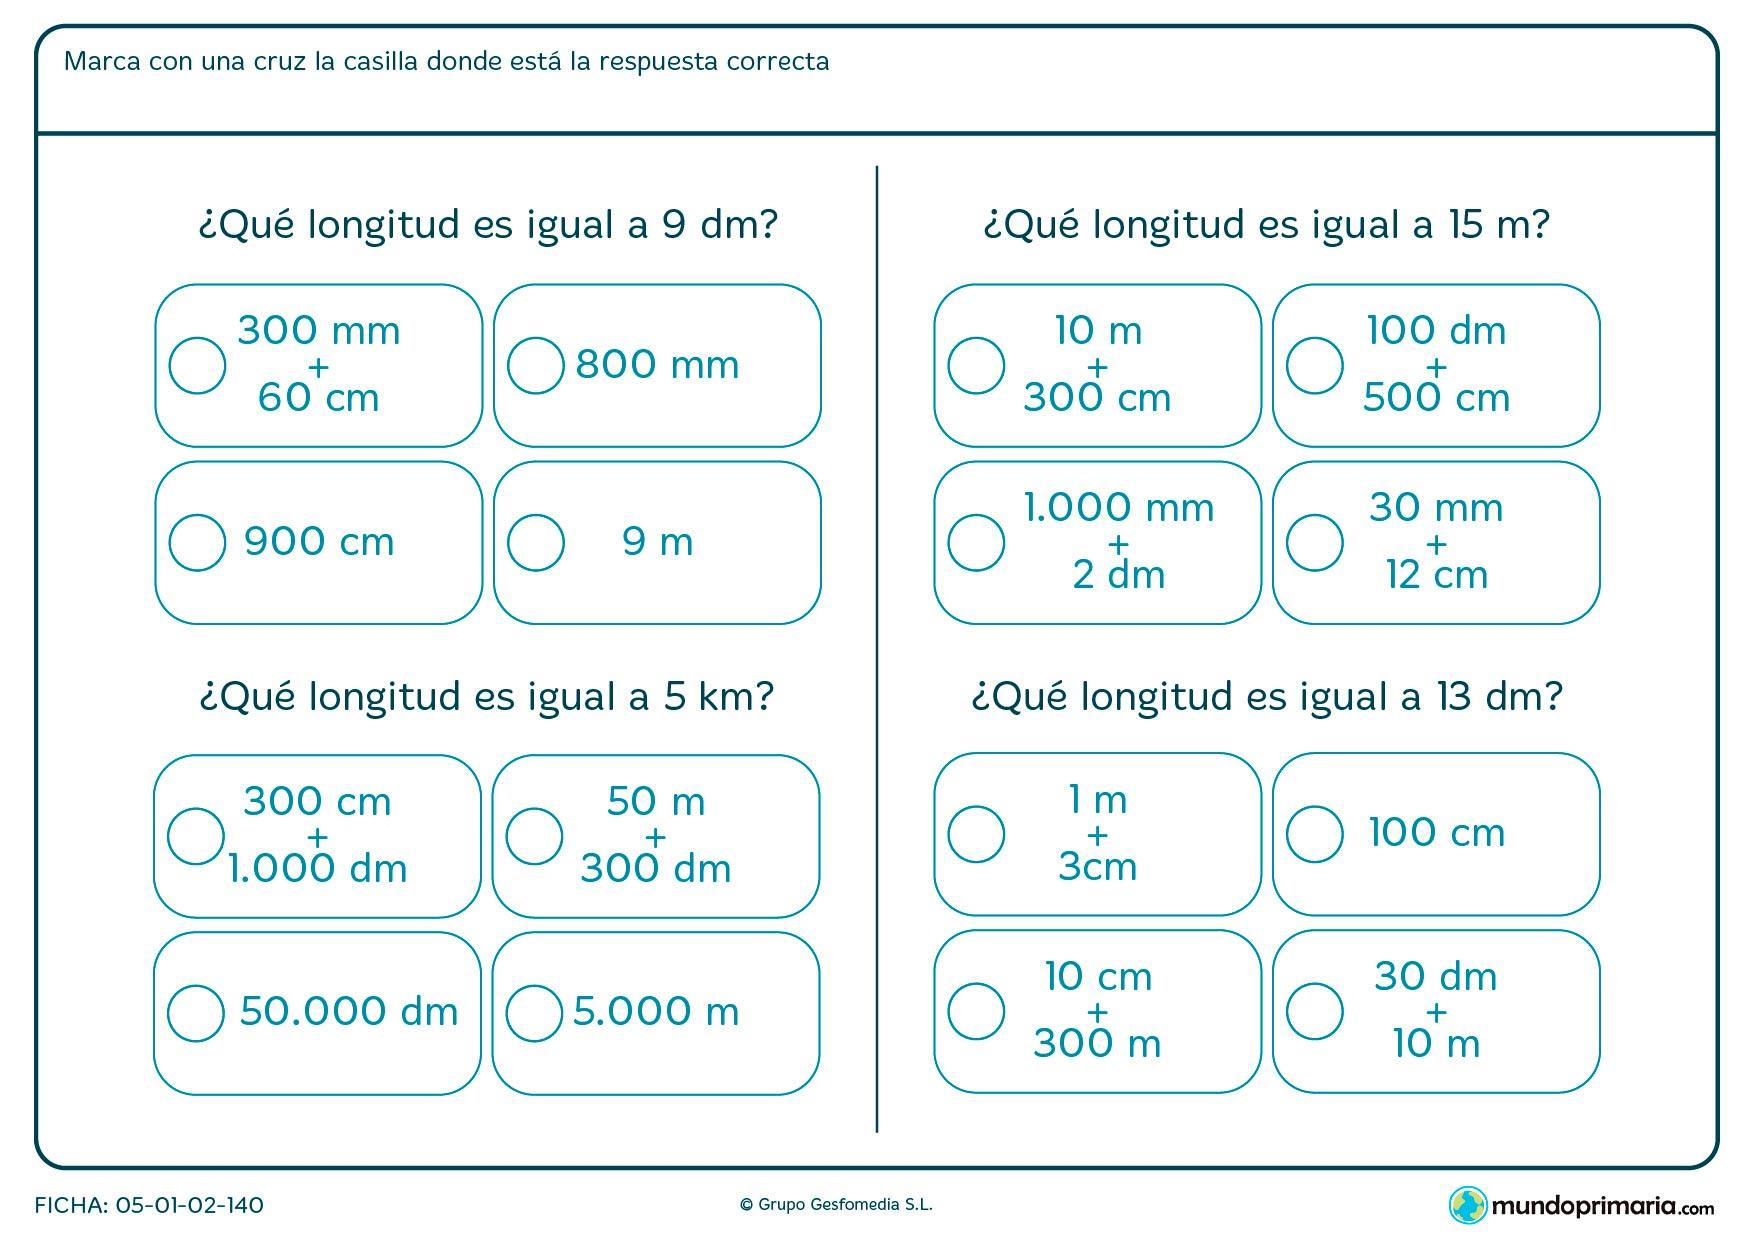 Ficha de medidas de longitud en las que has de convertir la unidad de medida de las respuestas a la misma de la pregunta para poder sacar la que es igual.